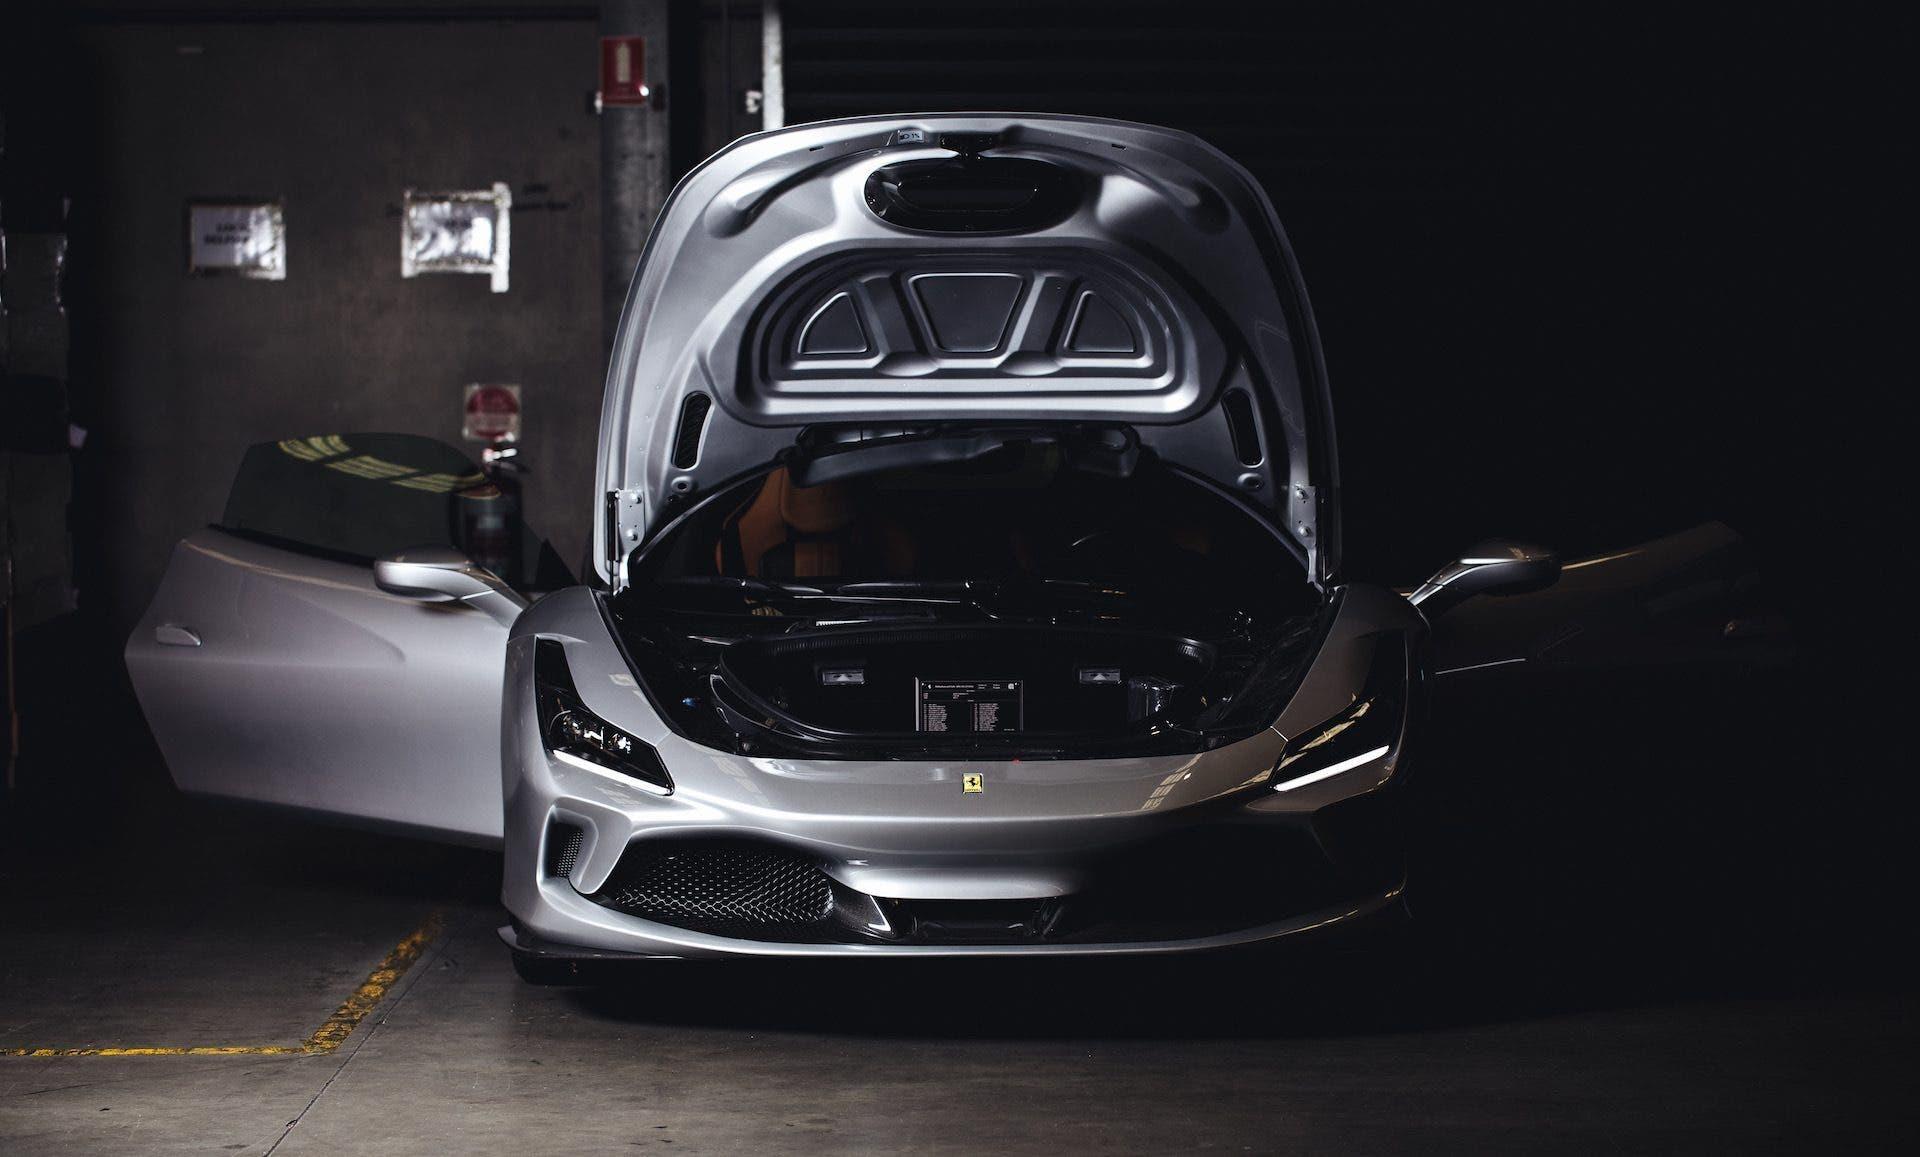 Ferrari sospende la produzione fino al 27 marzo